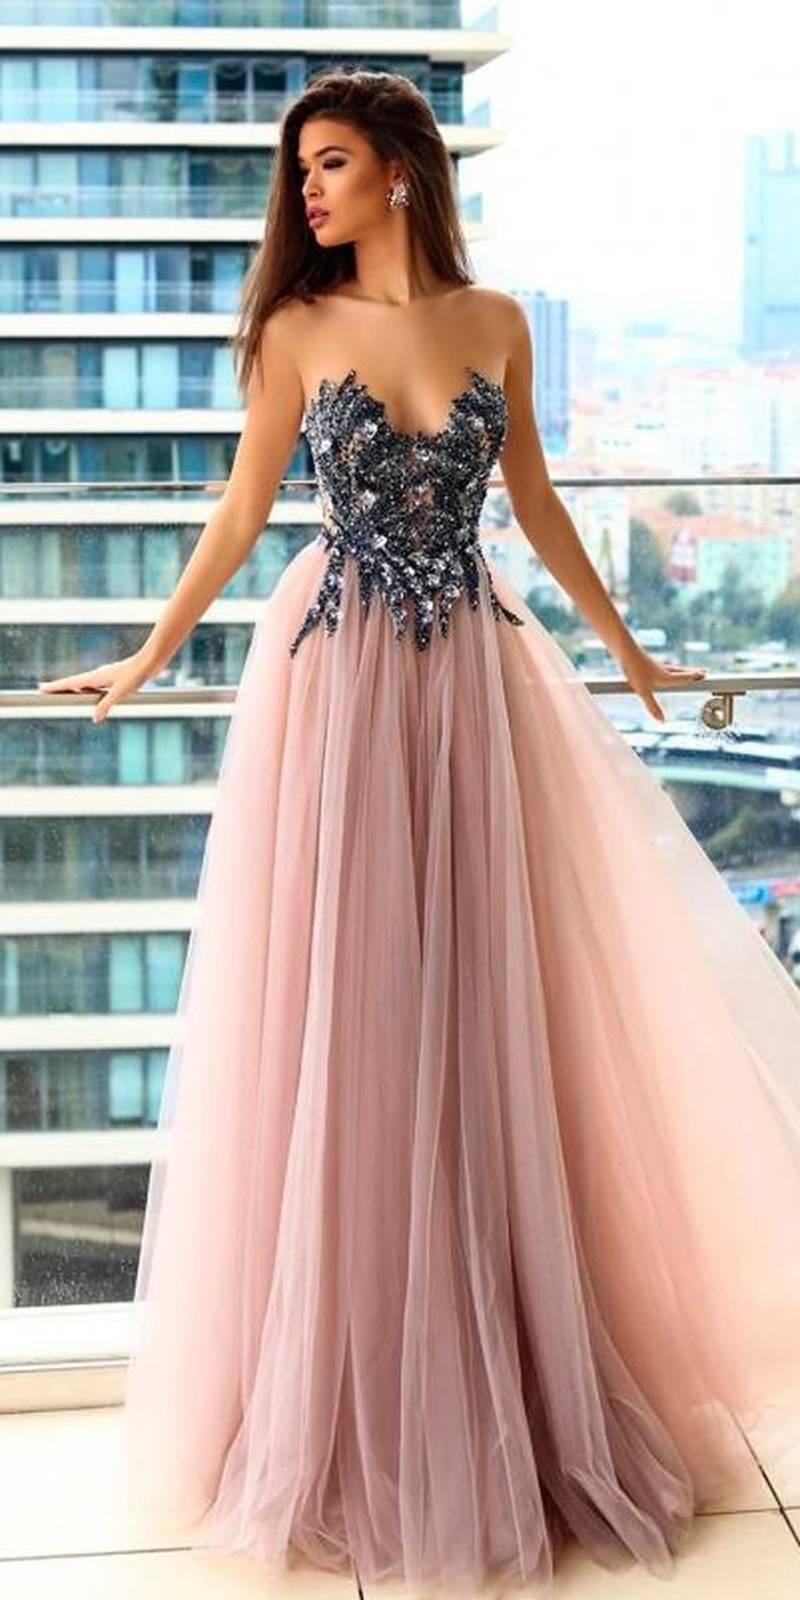 b6e3d7d27 Chica en una terraza modelando un vestido con con detalles brillantes en el  busto y falda